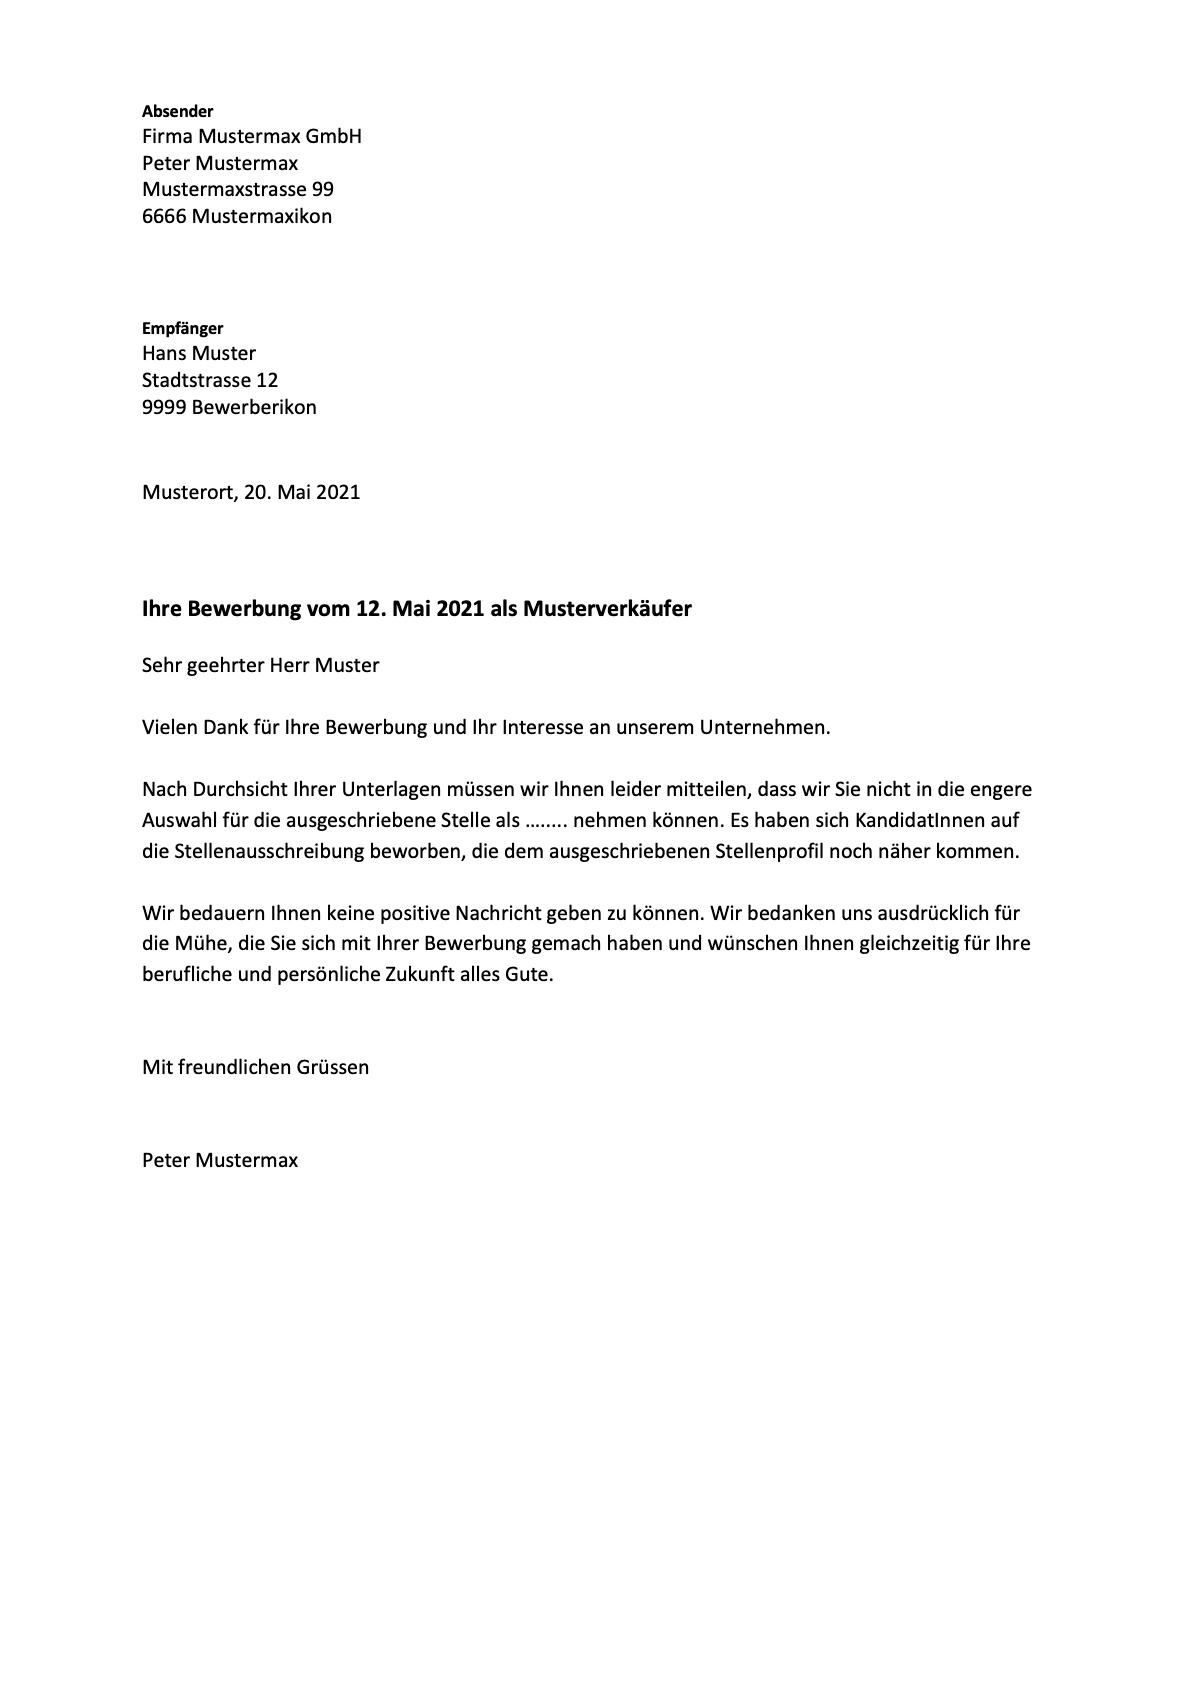 Absage nach vorstellungsgespräch muster kostenlos